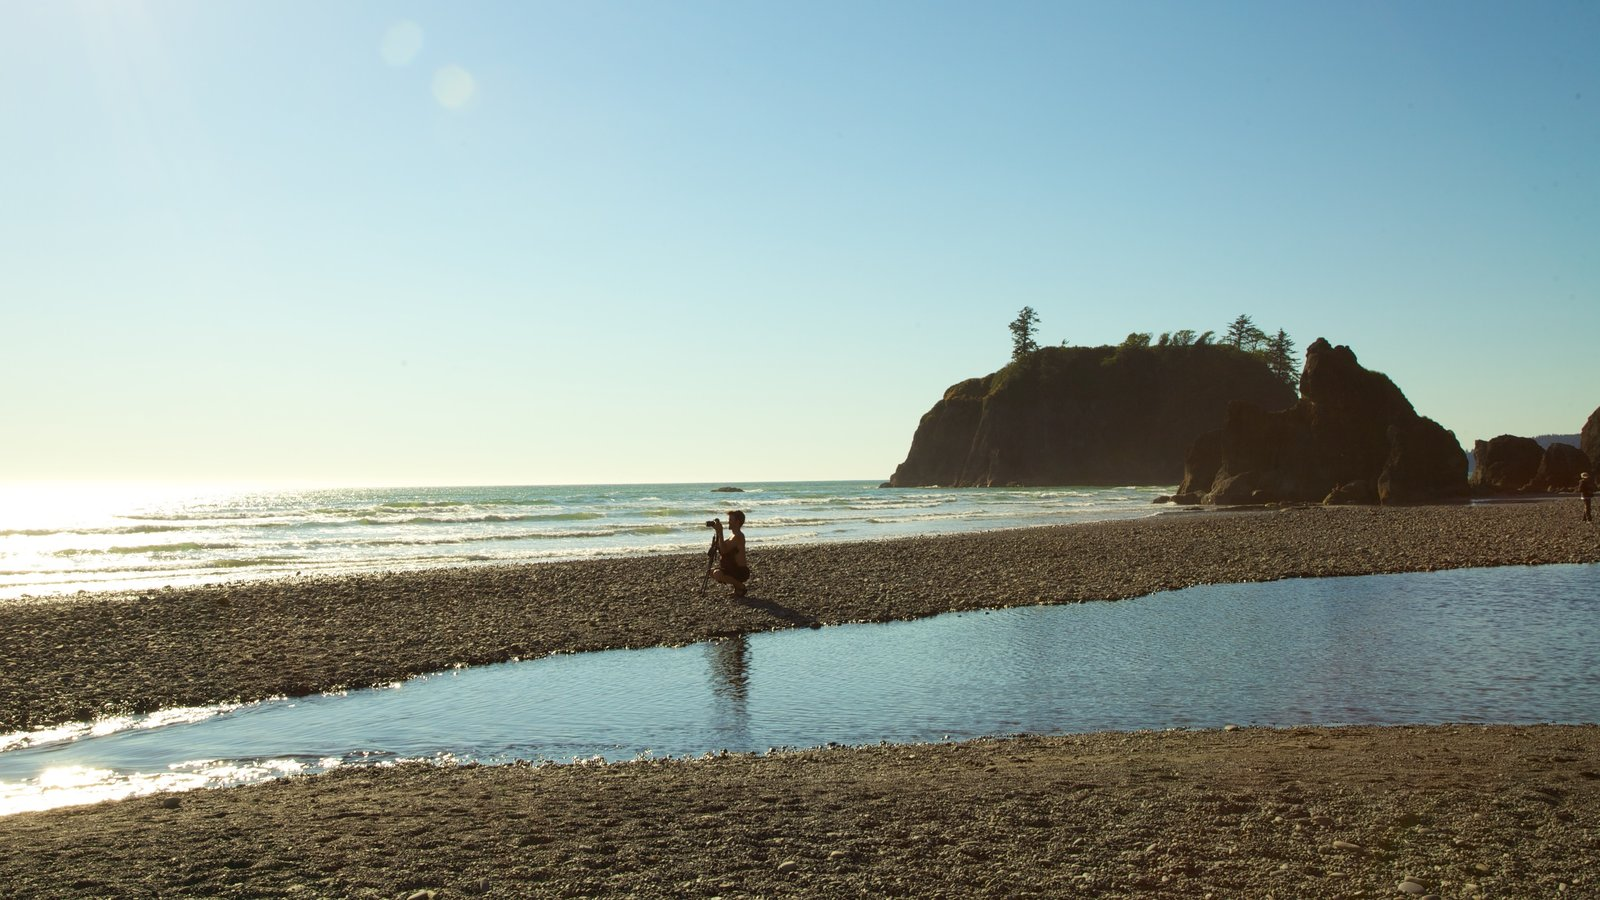 Olympic National Park mostrando paisagem, paisagens litorâneas e uma praia de areia